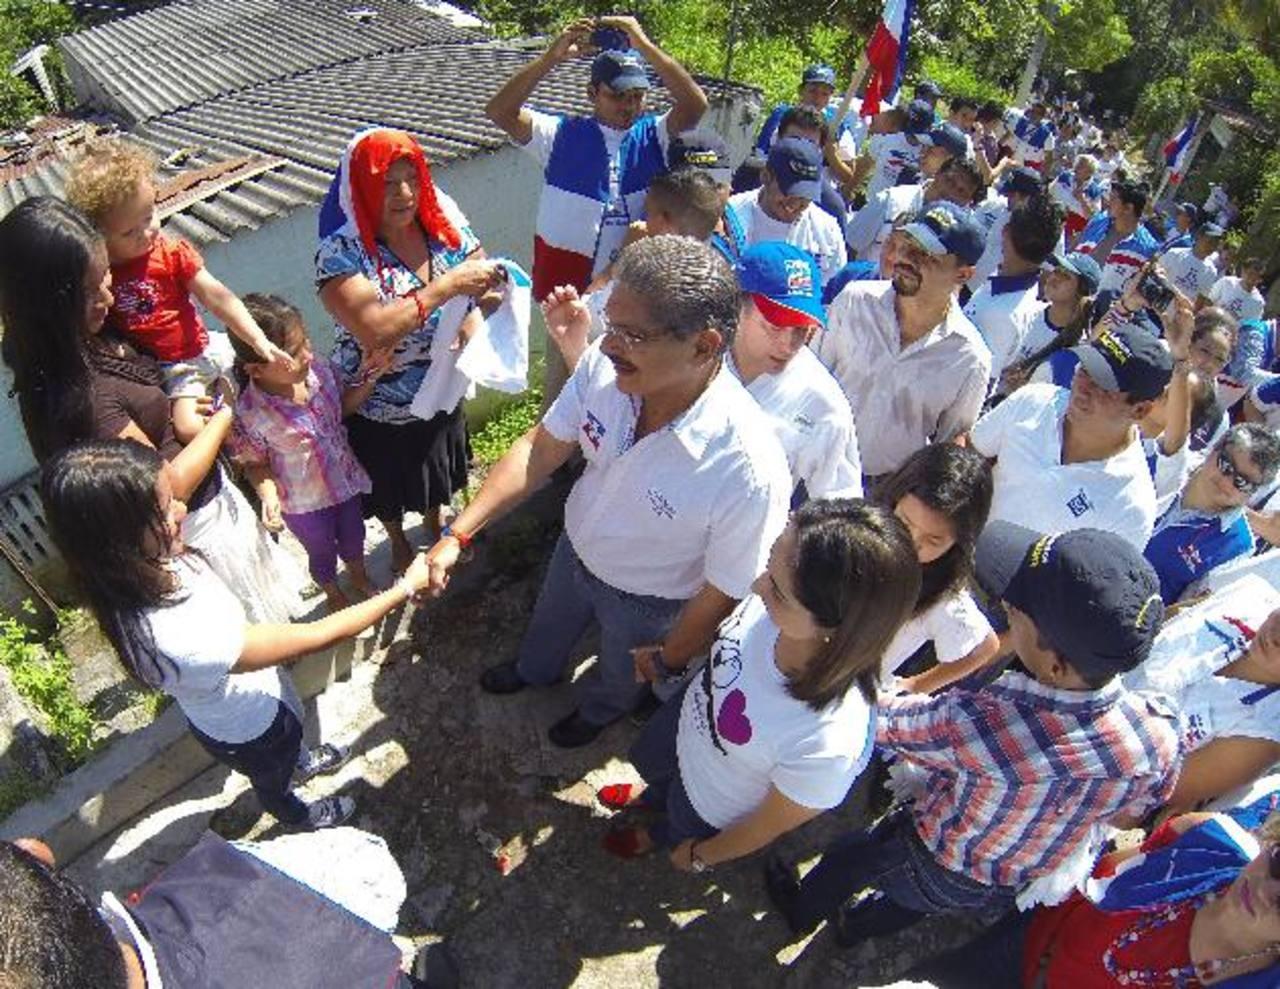 Acompañado de familiares y dirigentes de ARENA, Quijano recorrió las calles de la comunidad Hábitat Confíen, en Ciudad Delgado. foto edh / Mario Amaya